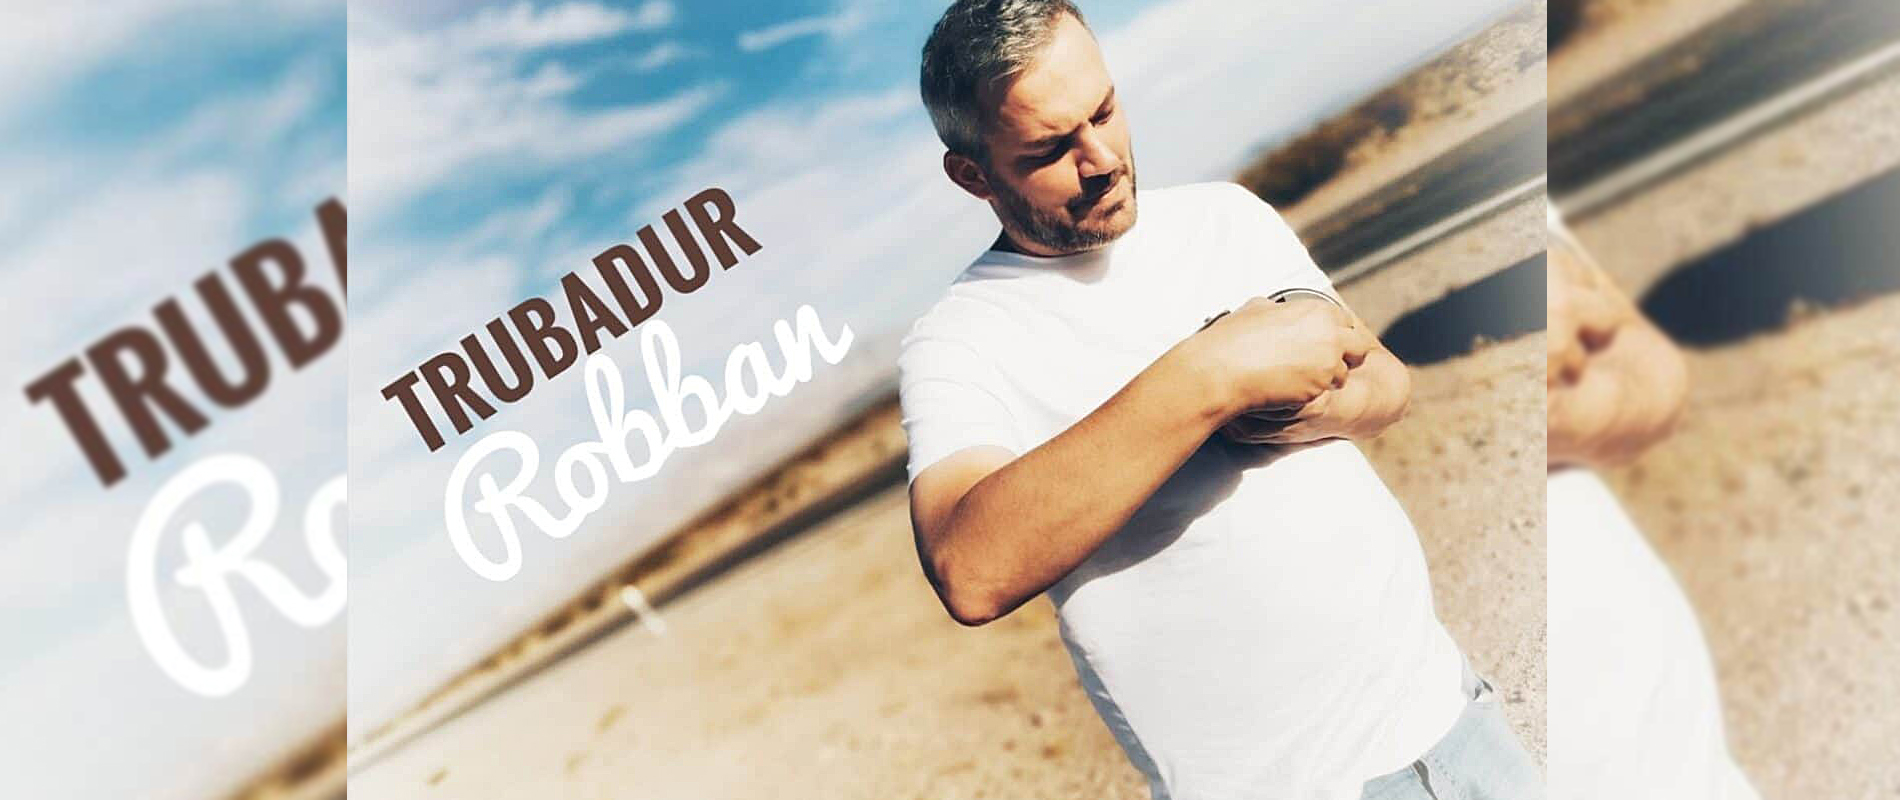 Trubadur Robban